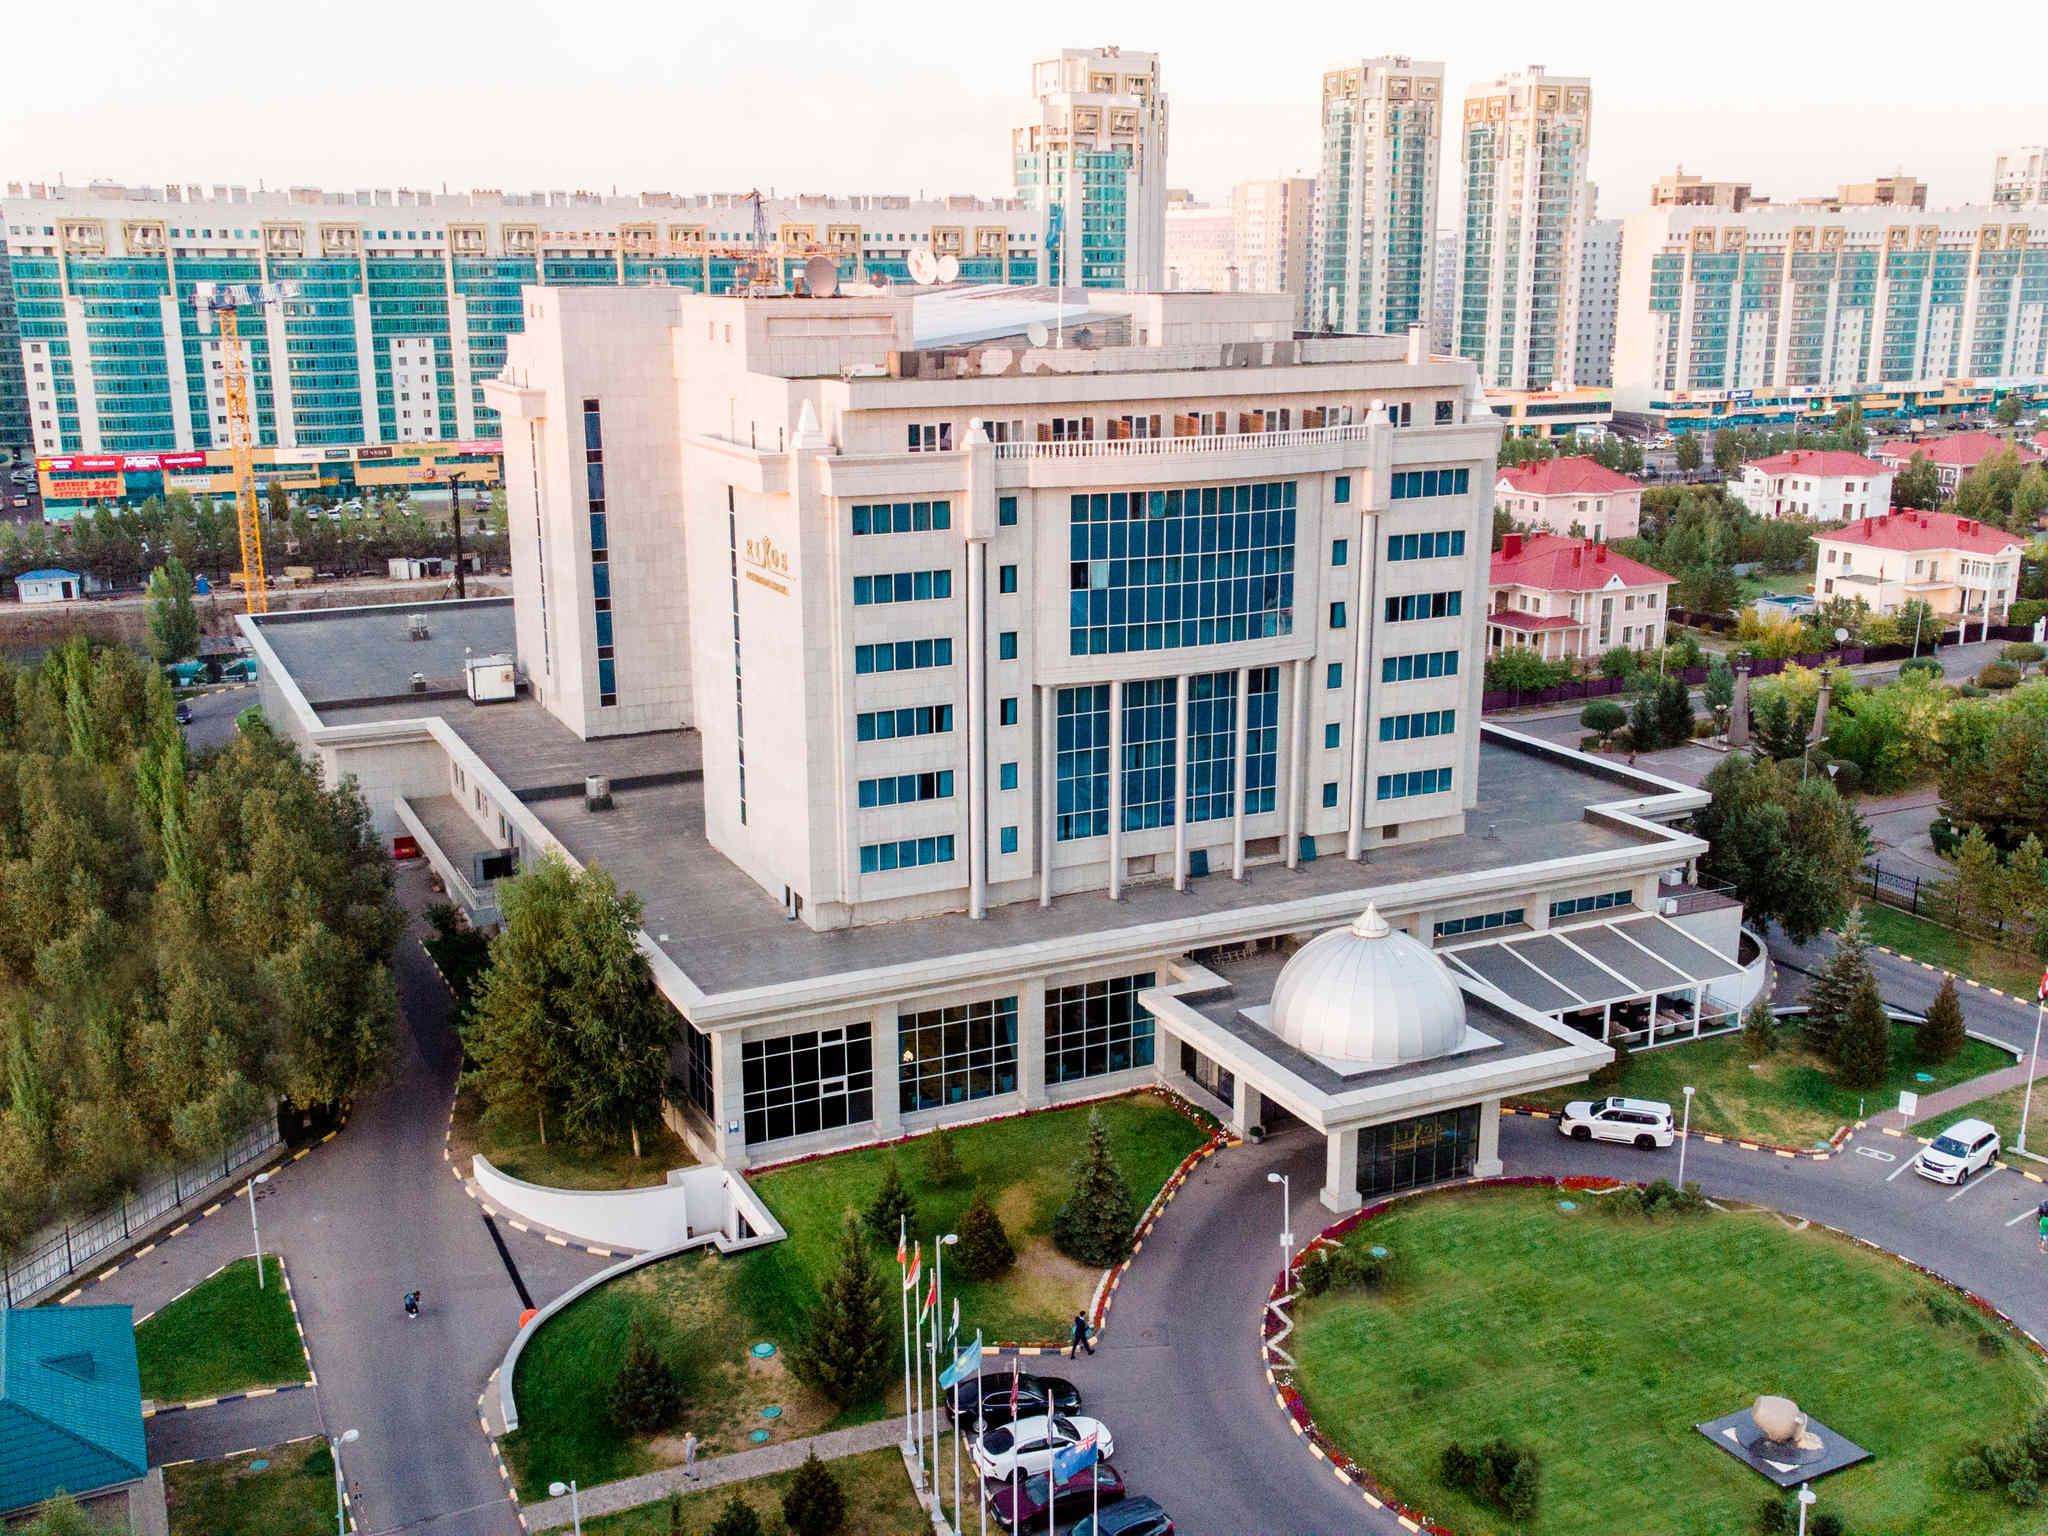 酒店 – 里克萨斯总统阿斯塔纳酒店